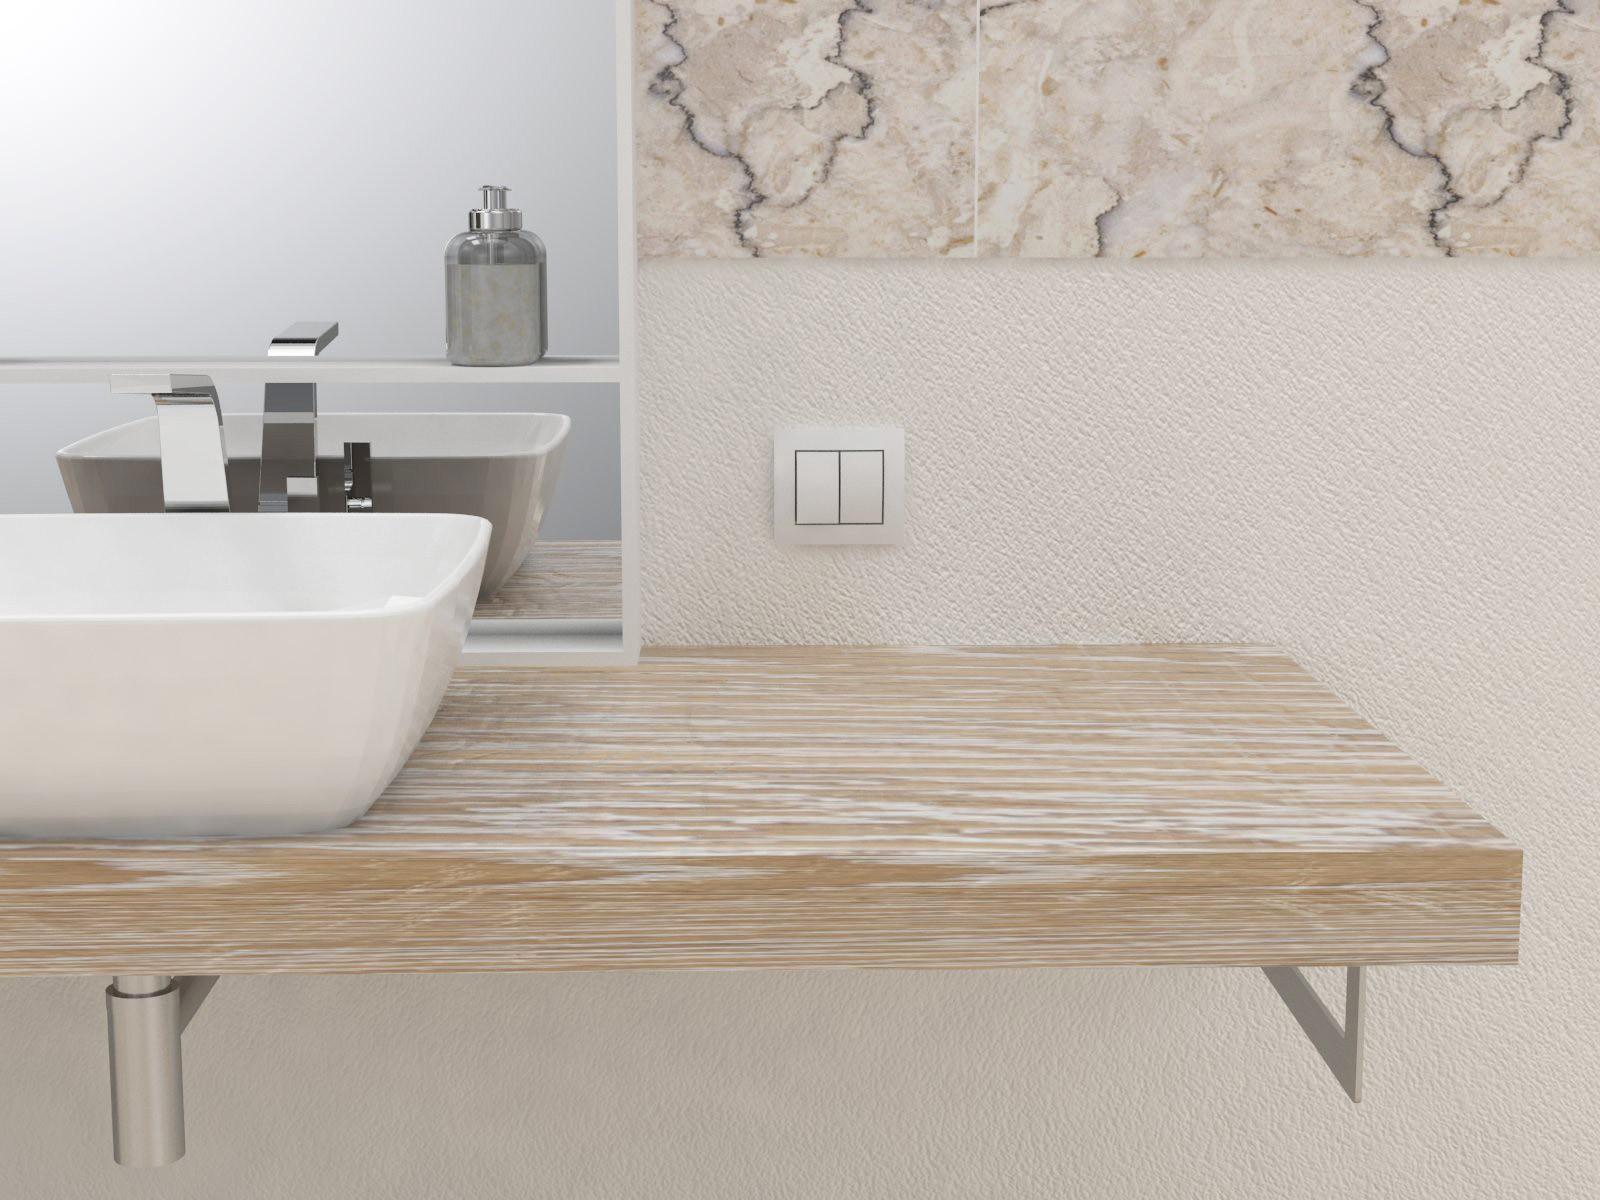 Ripiani In Legno Per Bagno : Mensola lavabo in legno massello su misura spessore cm design